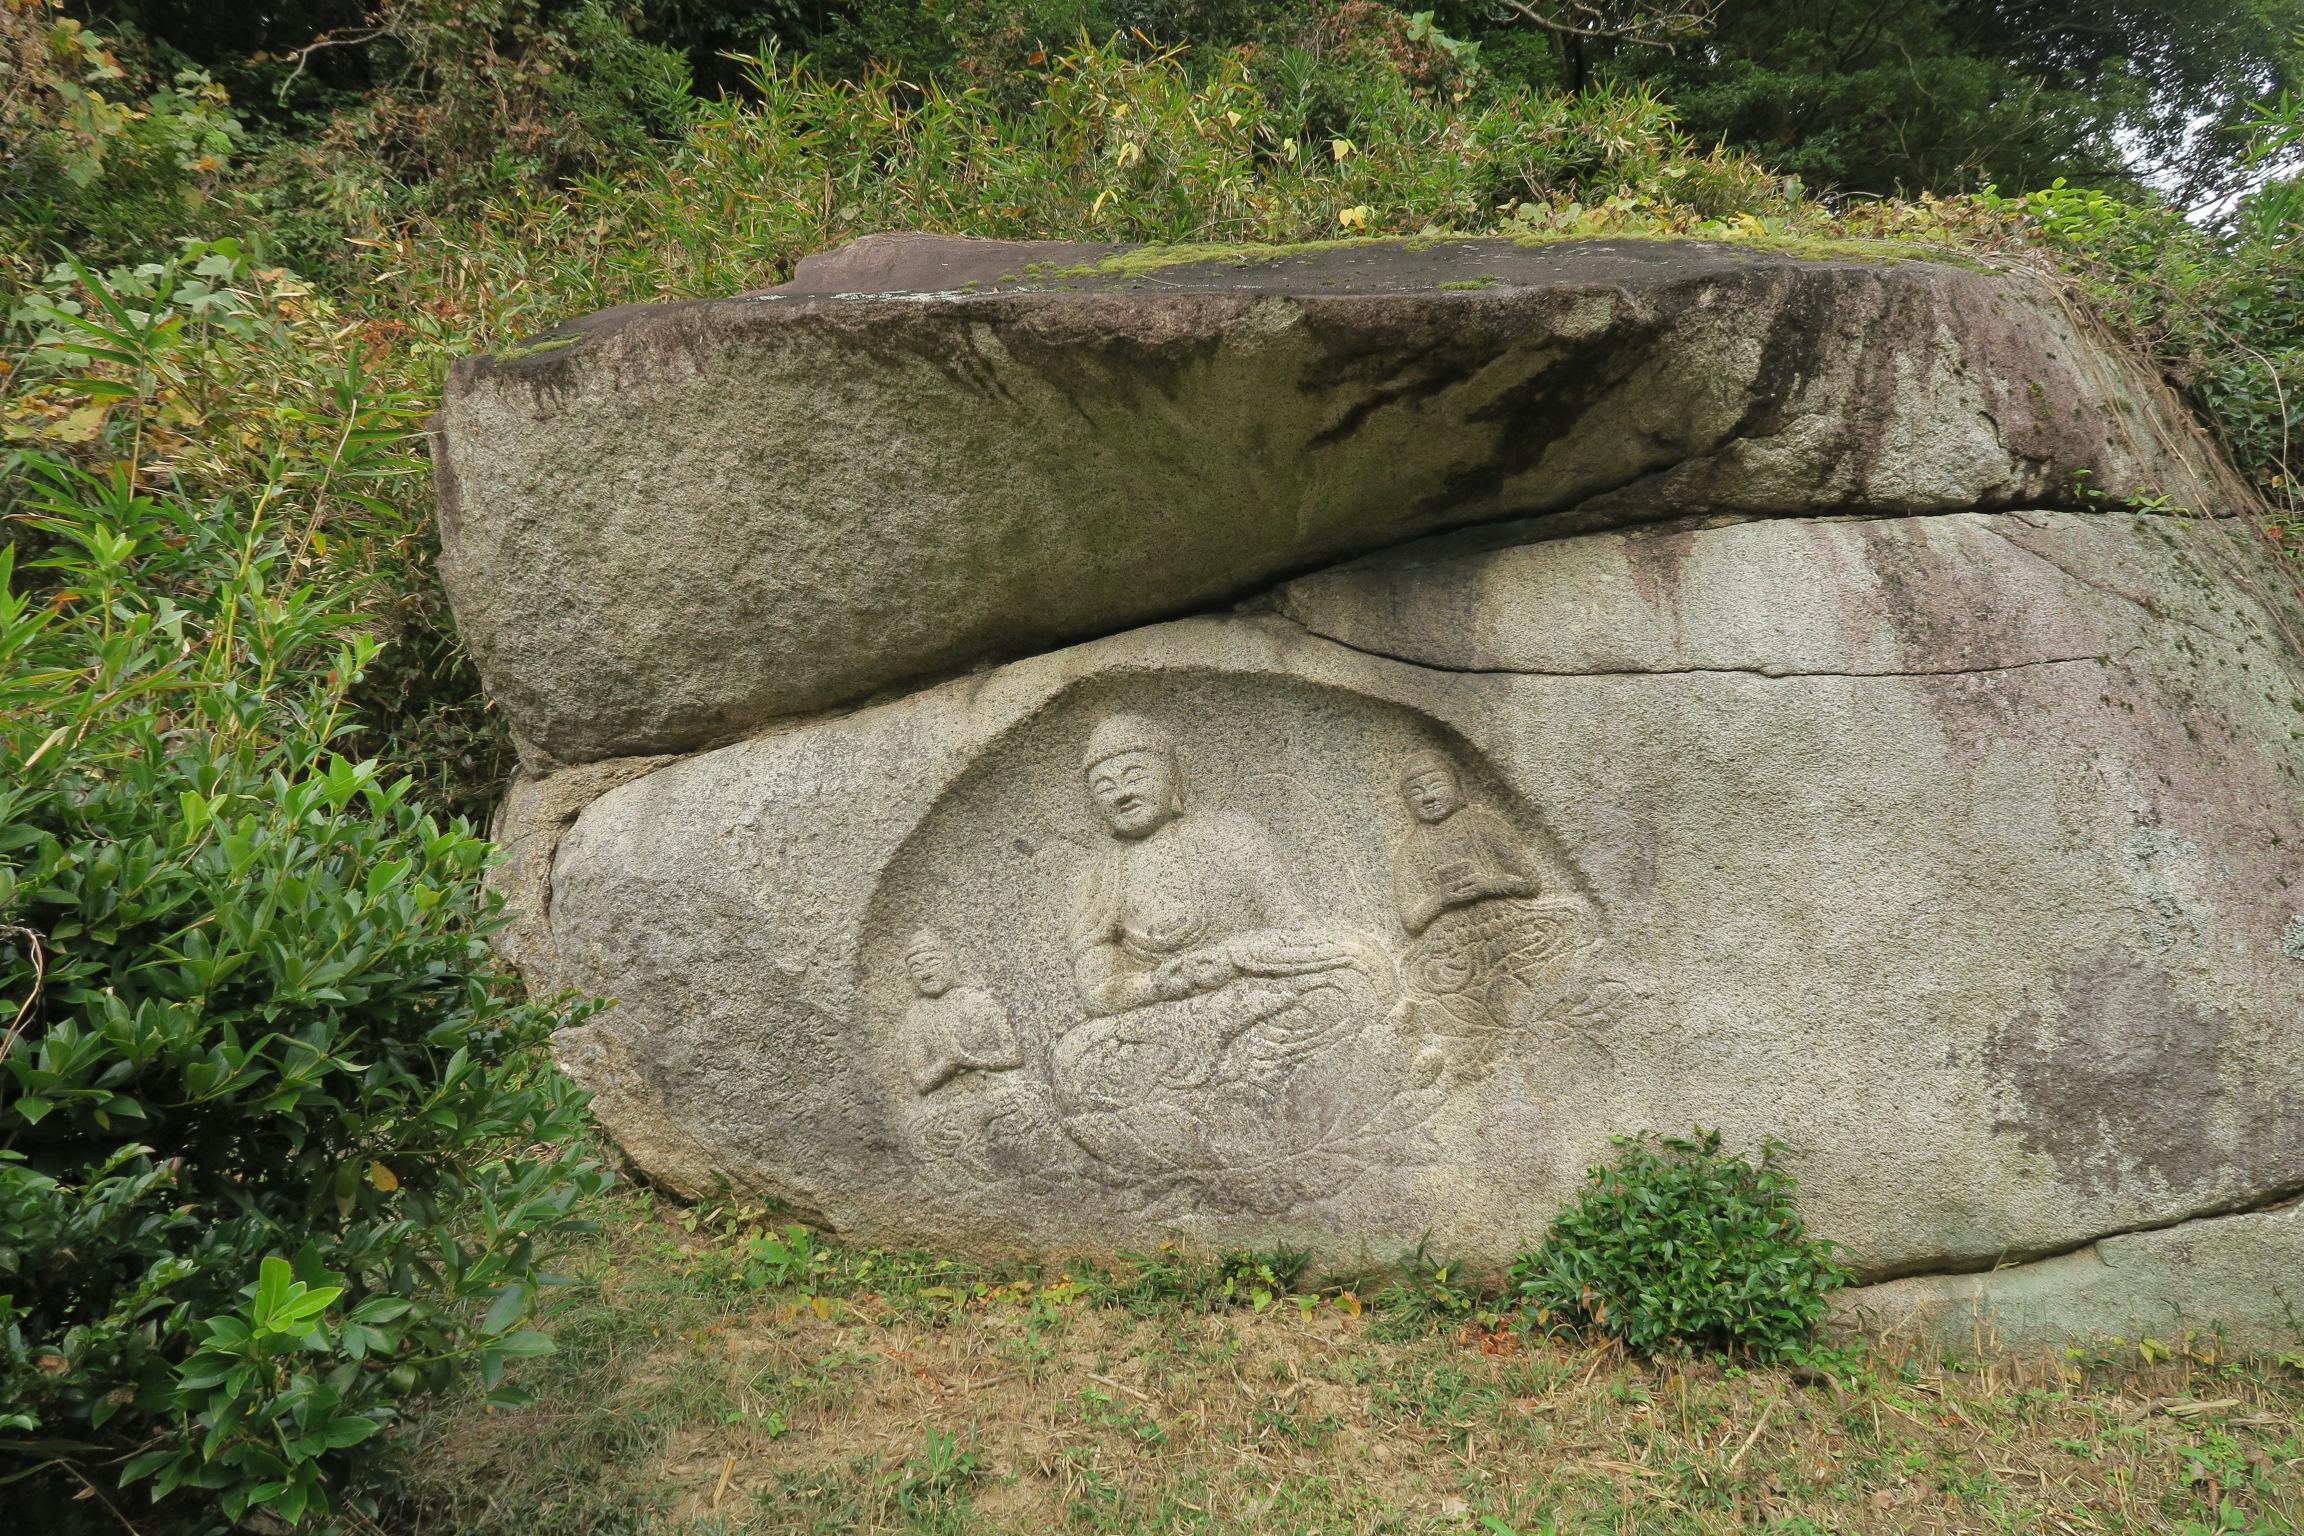 わらいぼとけ。当尾(とうの)の石仏の中でも有名な阿弥陀三尊像です。